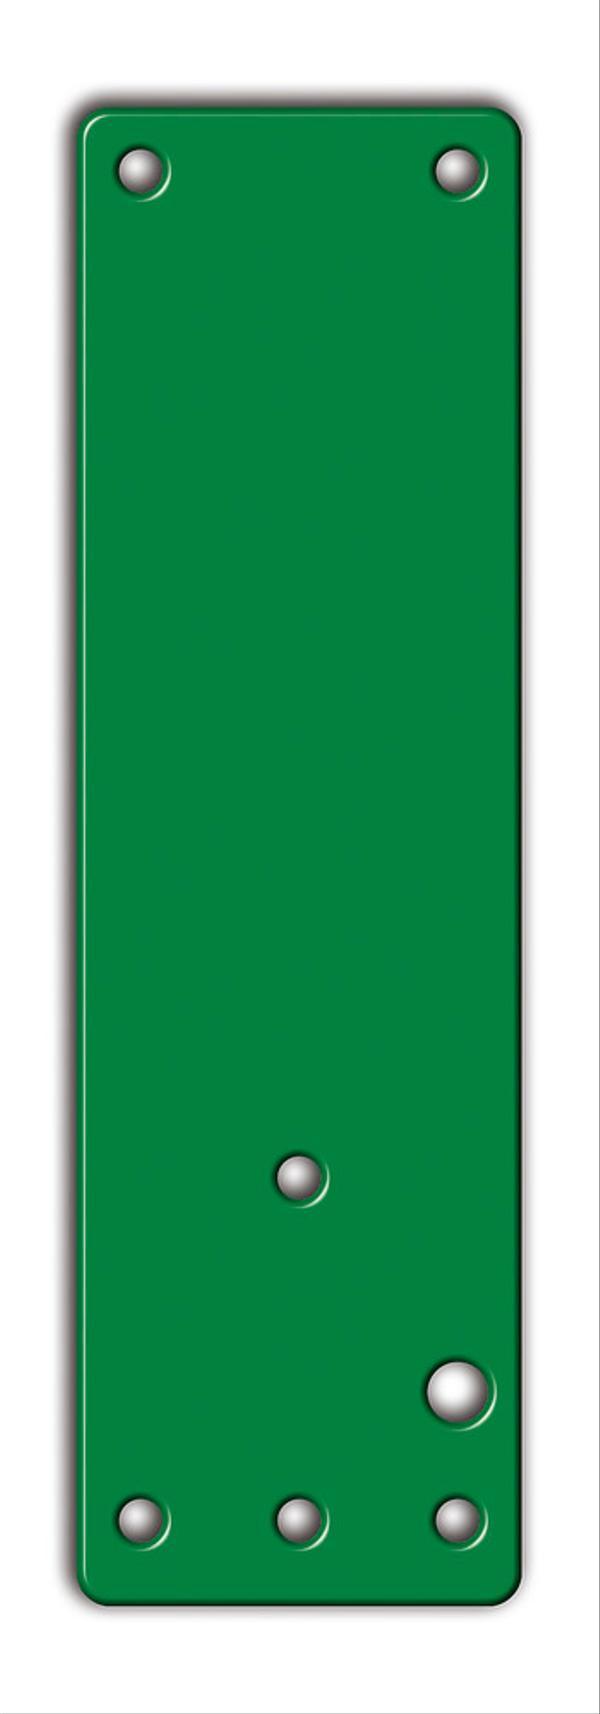 Montageplatte aus Stahl für Standard- und Brandschutztüren. Für rechts oder links angeschlagene Türen verwendbar.